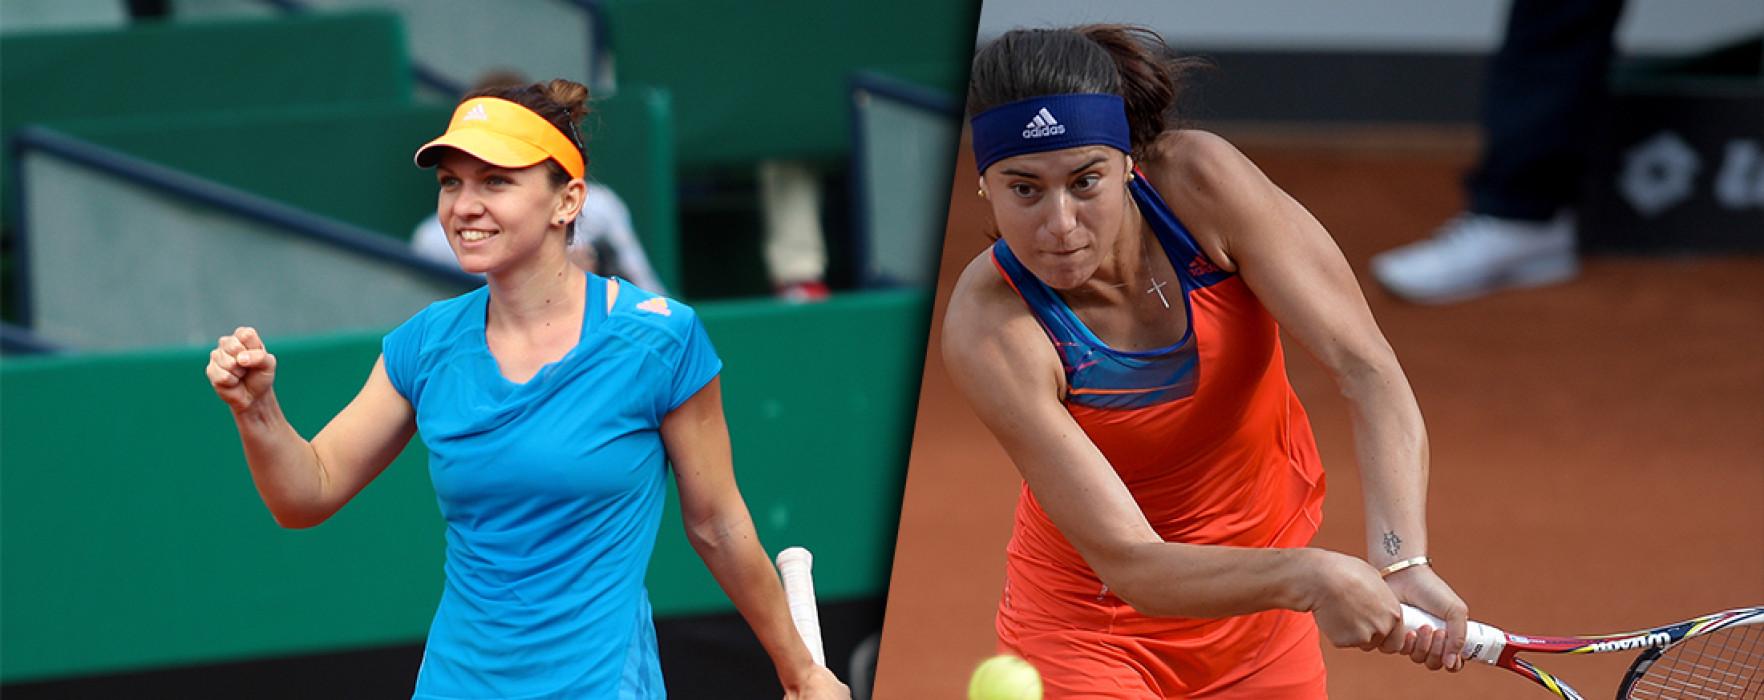 UPDATE Tenis: Rezultate Sorana Cîrstea  și Simona Halep în turul 3 de la Roland Garros